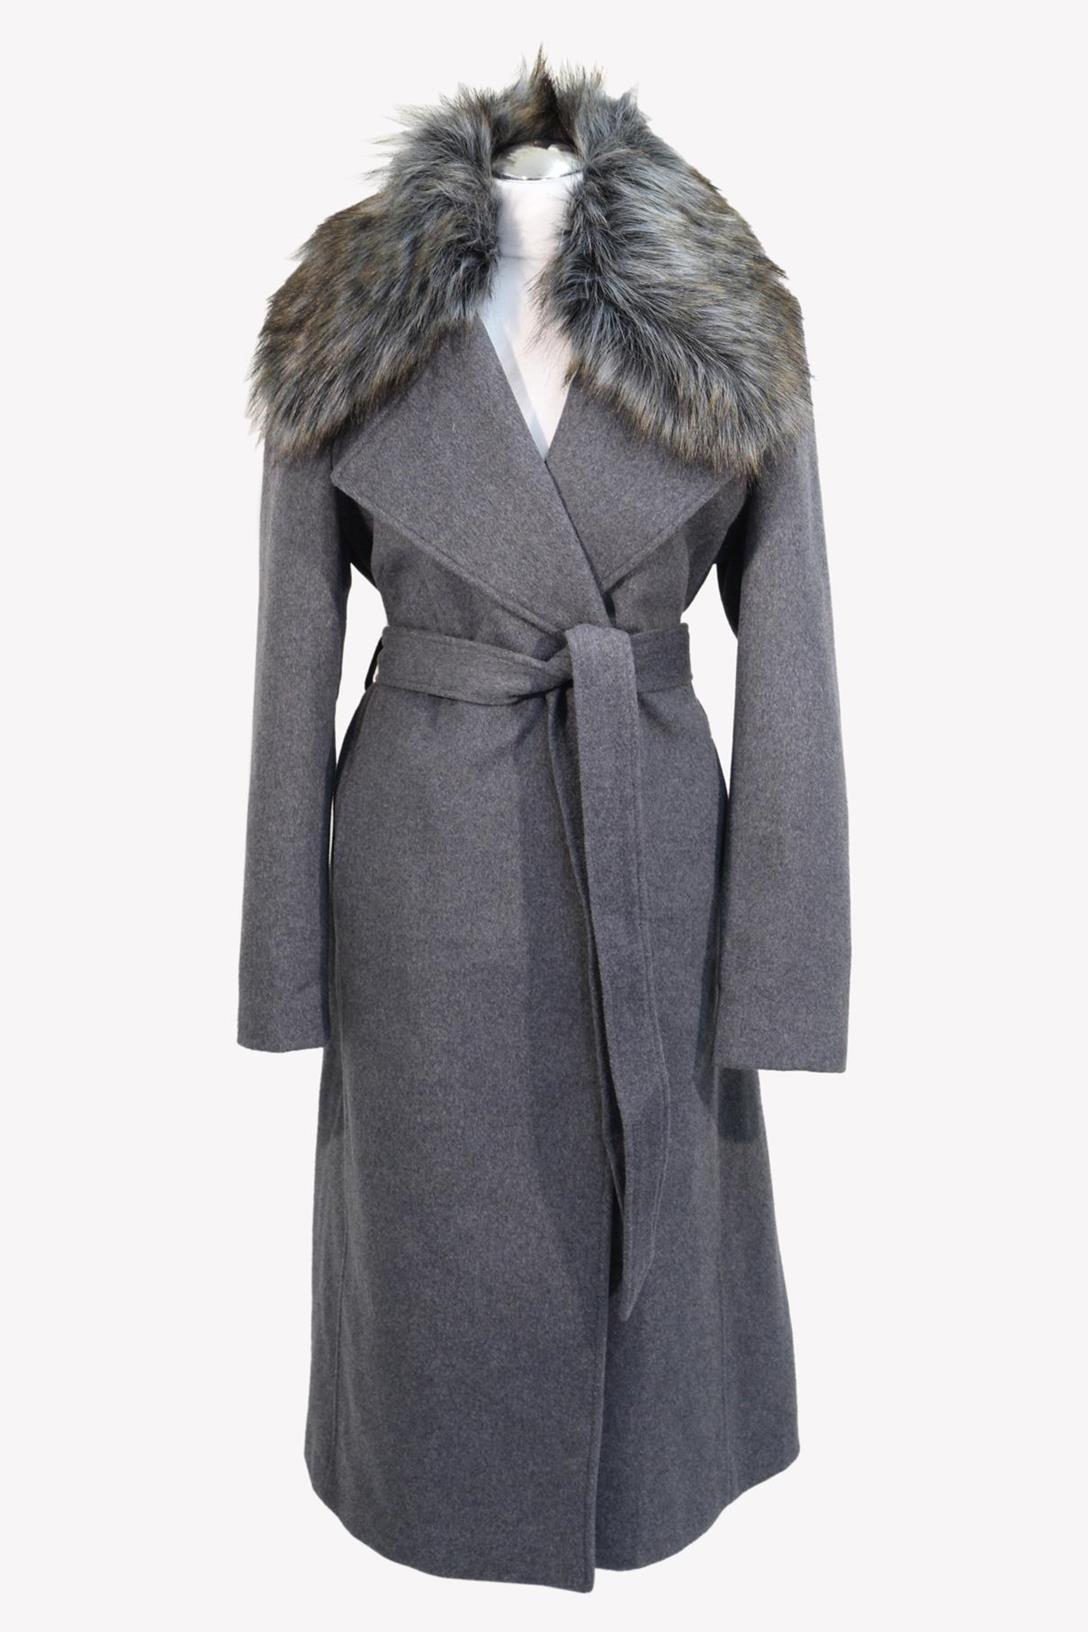 Mantel in Grau aus Wolle Karl Lagerfeld